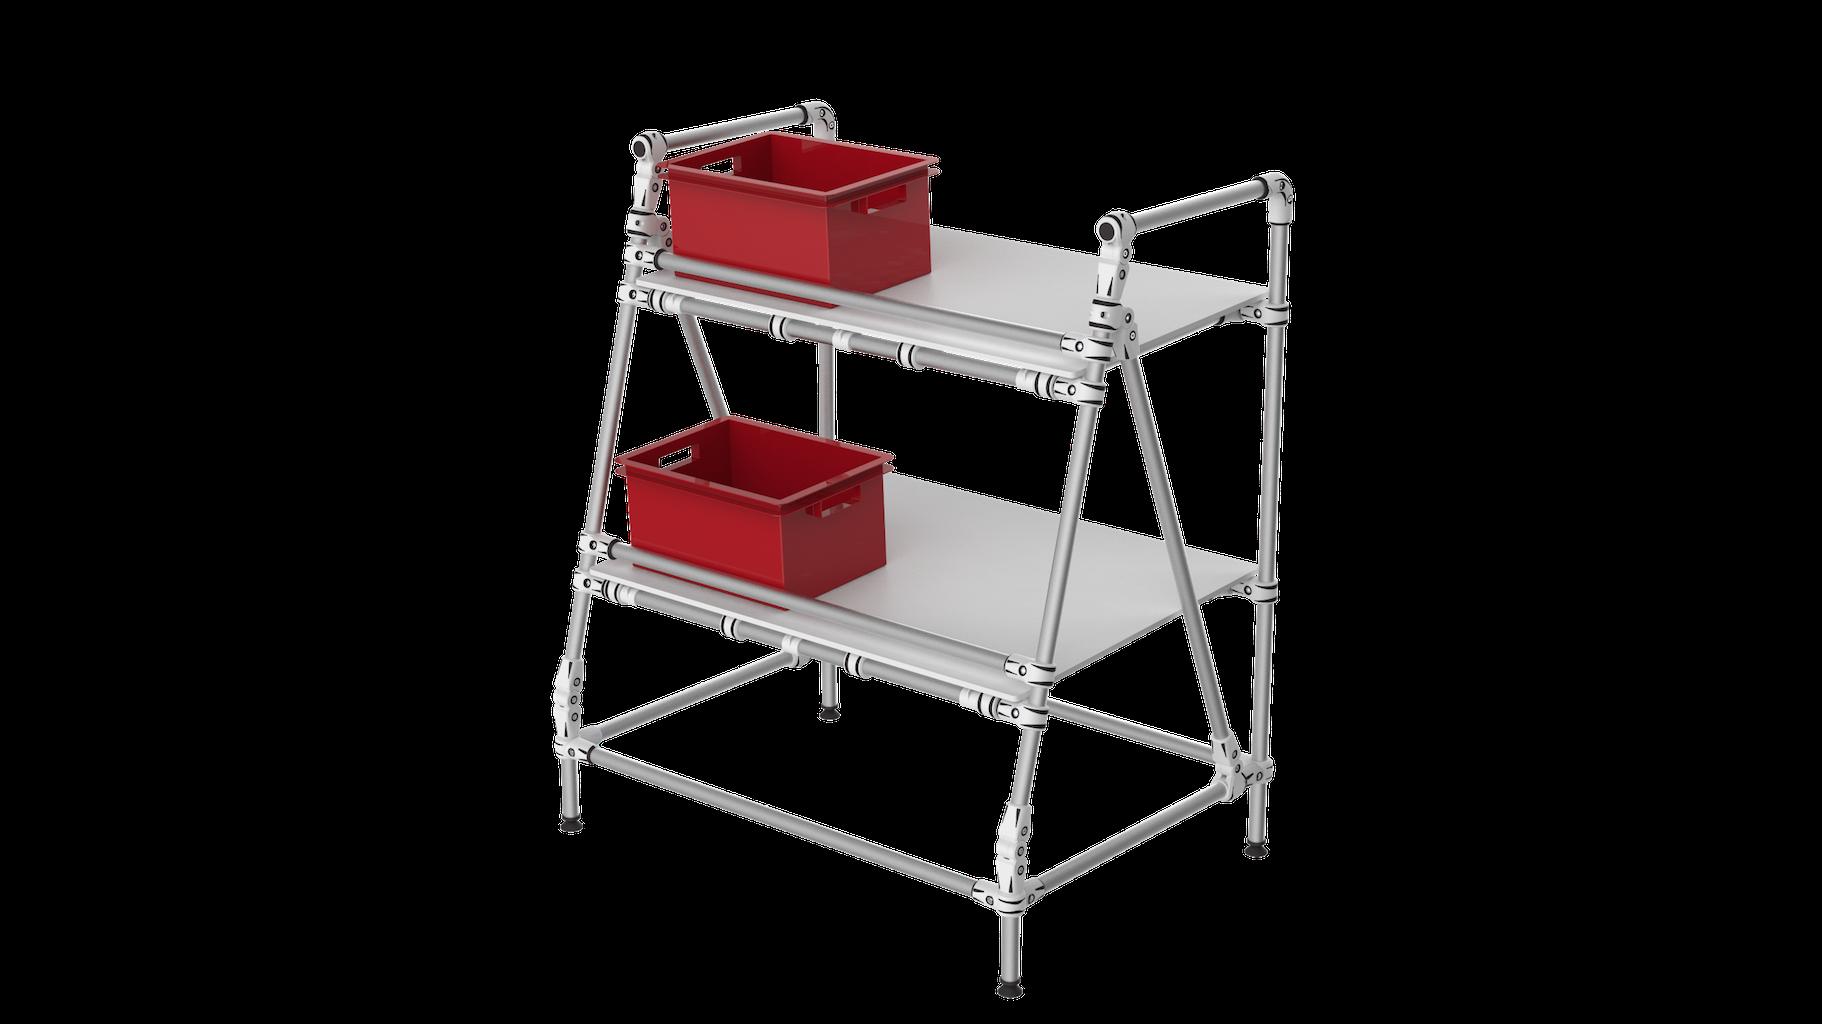 Ergonomic shelf